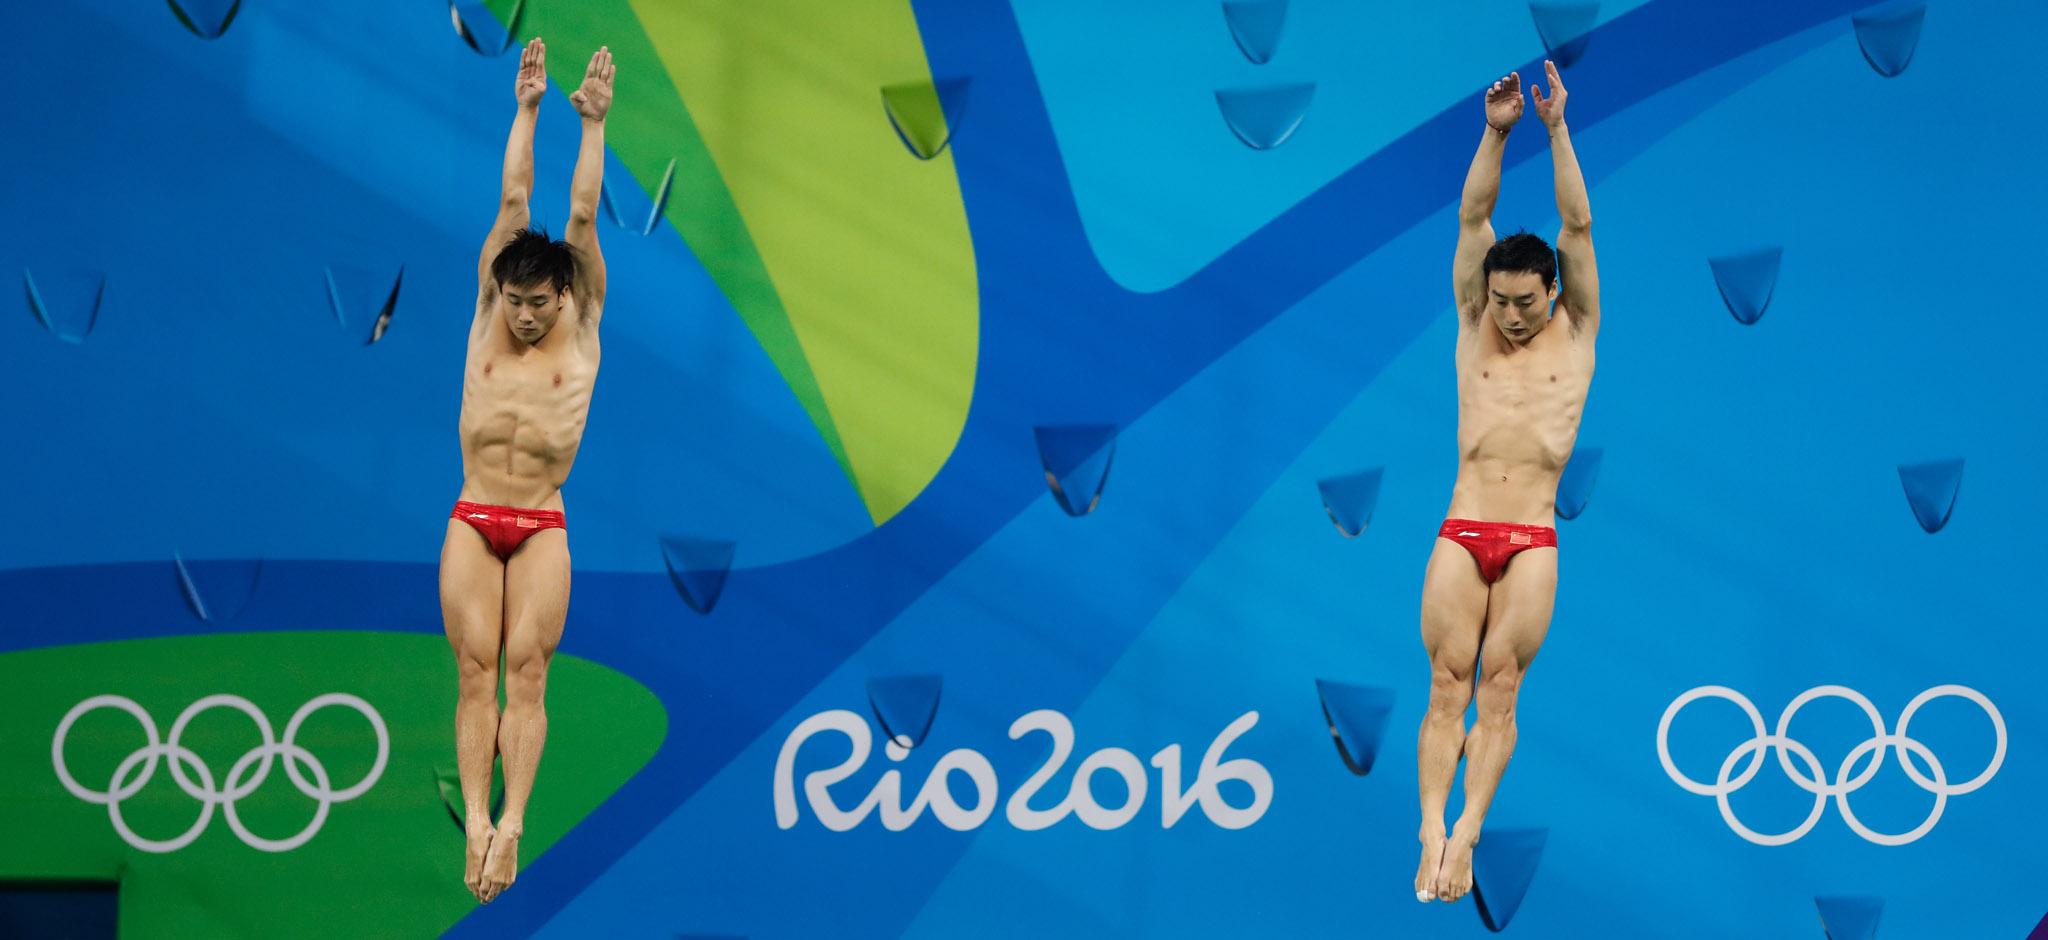 Fina define novas datas para os pré-olímpicos